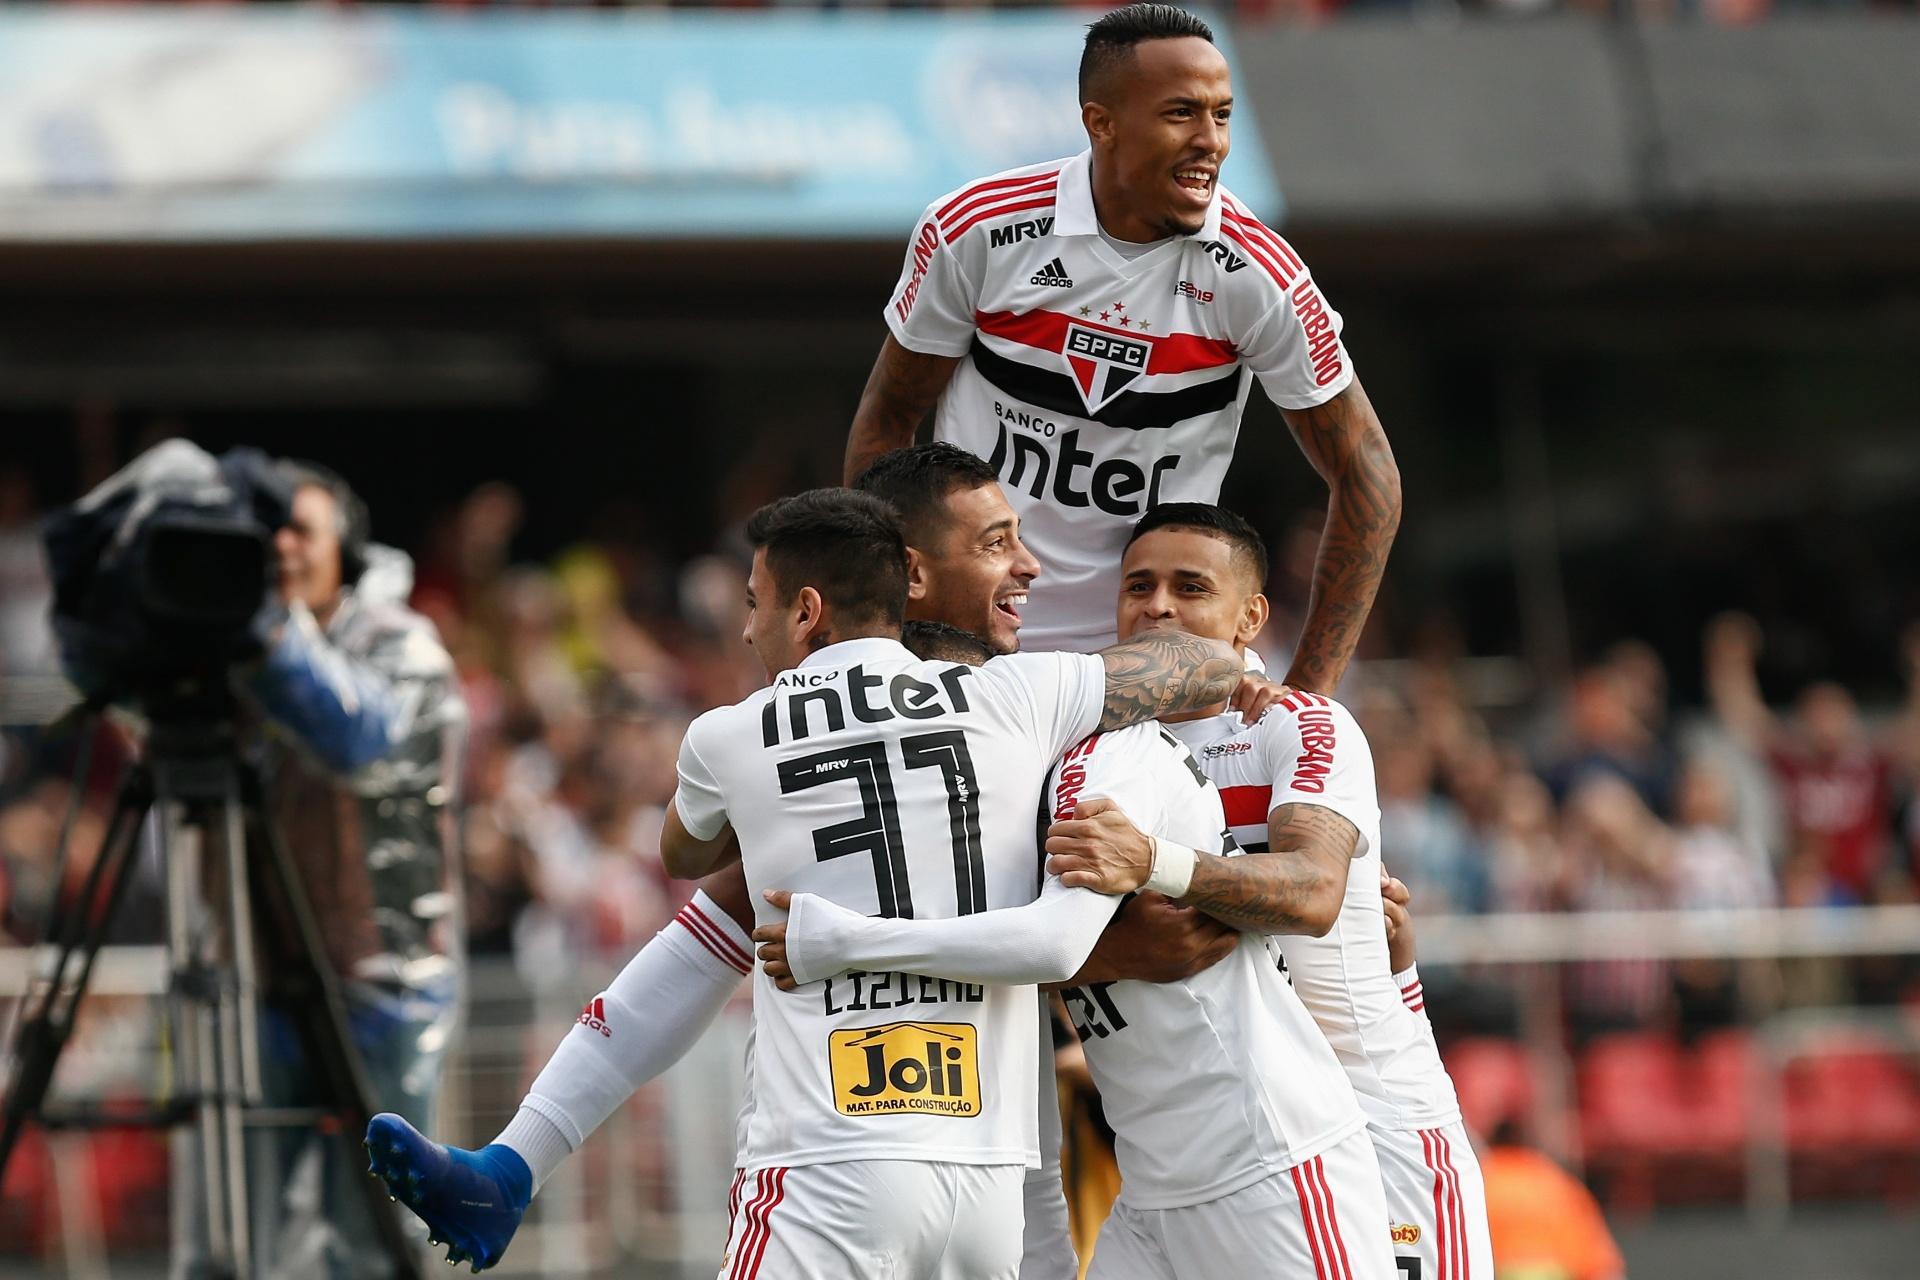 São Paulo vence Vasco e vira líder do Brasileiro pela 1ª vez após 3 anos -  05 08 2018 - UOL Esporte 982c1299bb6b8